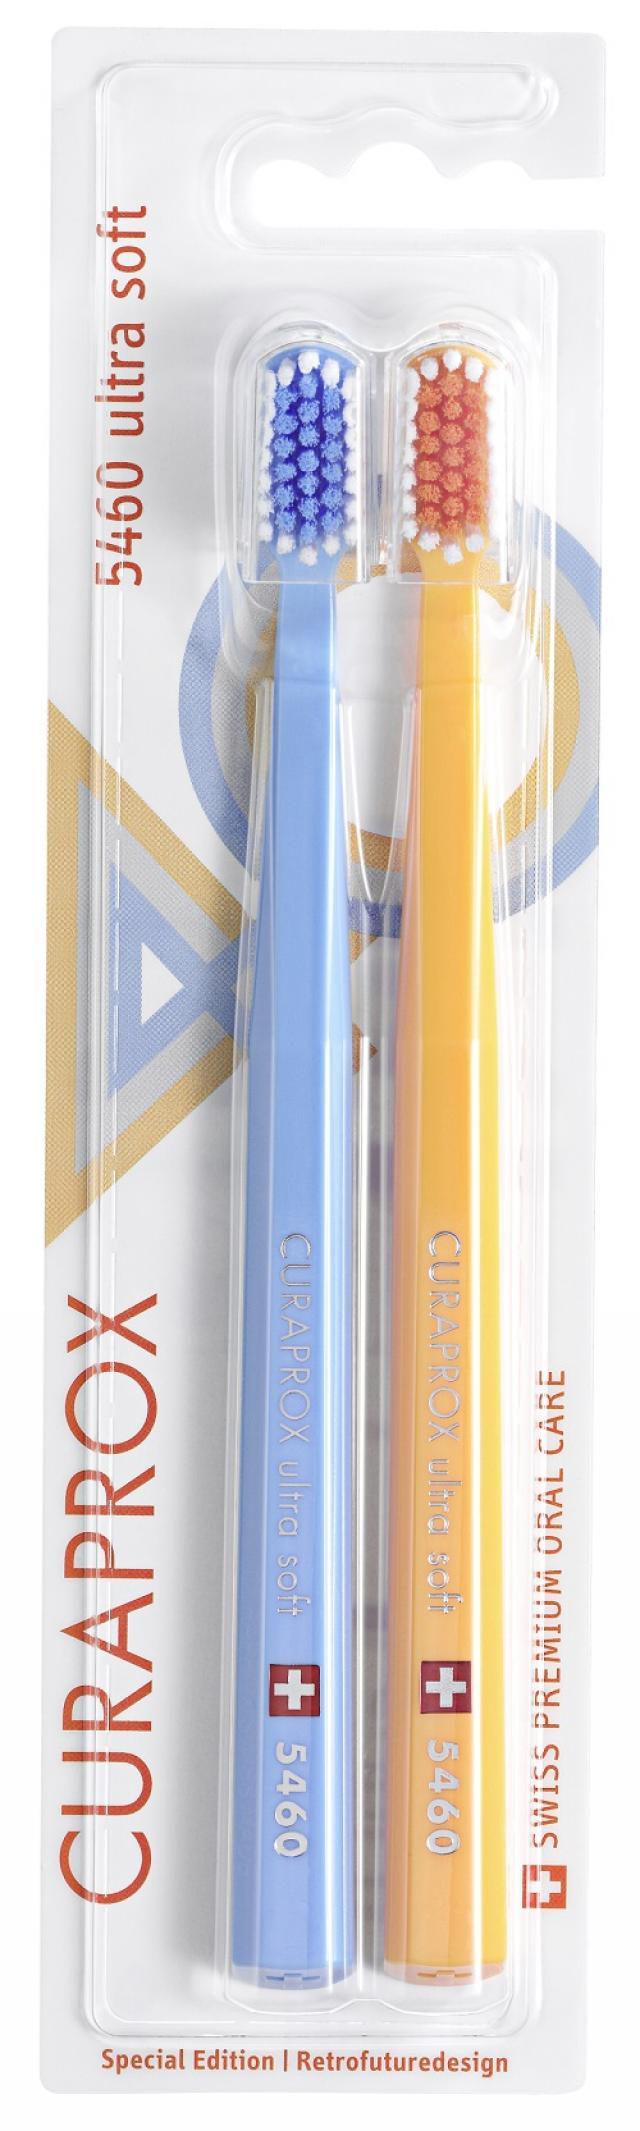 Курапрокс зубная щетка Ультрасофт Ретро Эдишн1 №2 CS5460/2 Retro Edition1 купить в Москве по цене от 1200 рублей